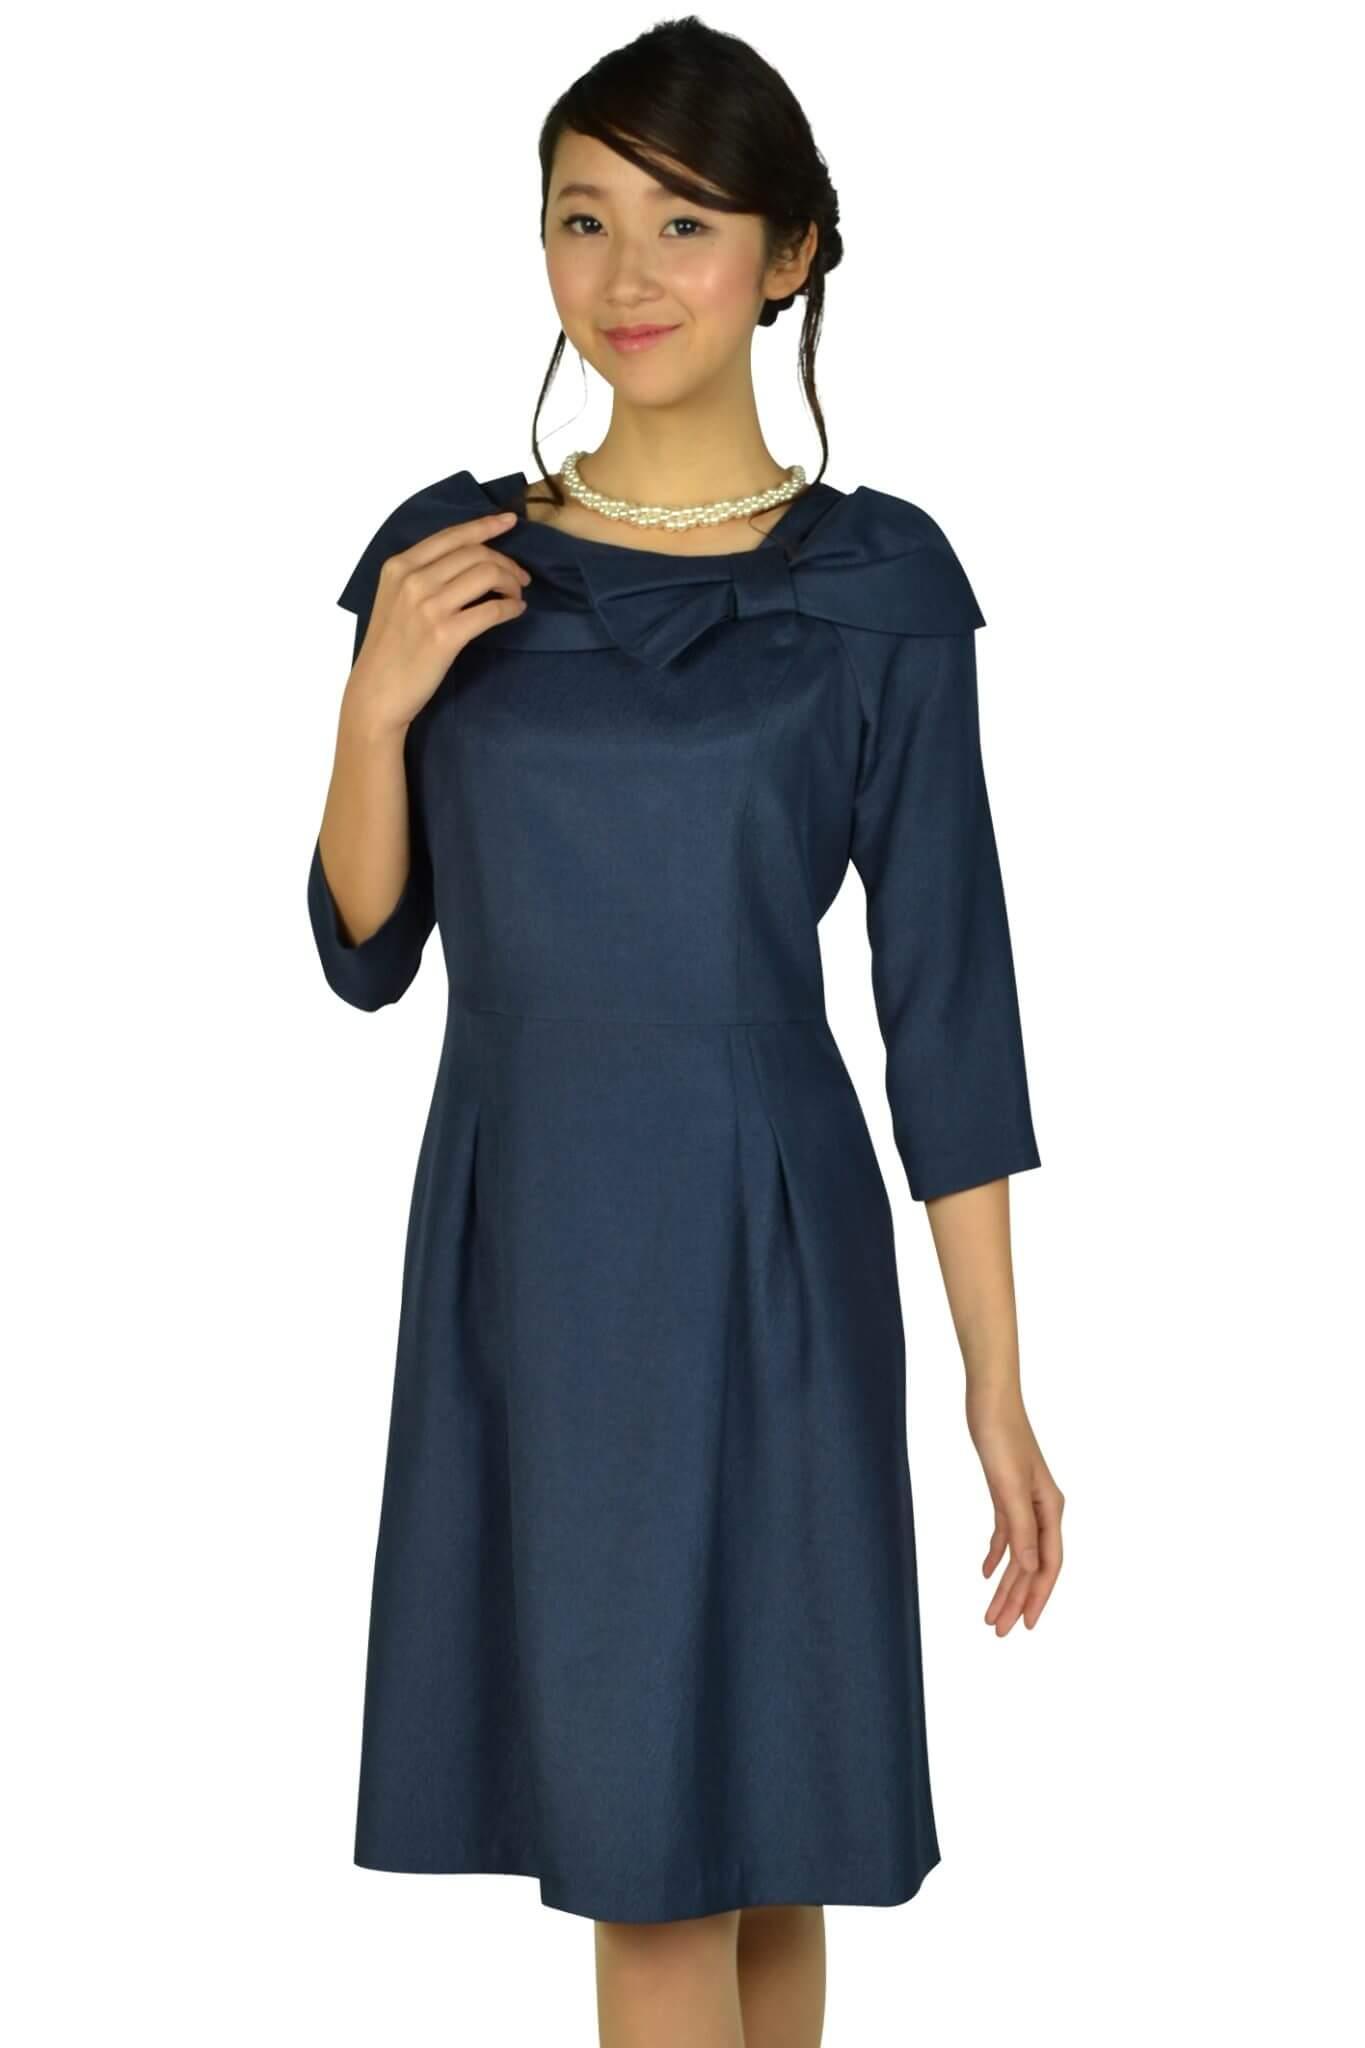 ドレス デコ (DRESS DECO)7分袖リボンネイビードレス